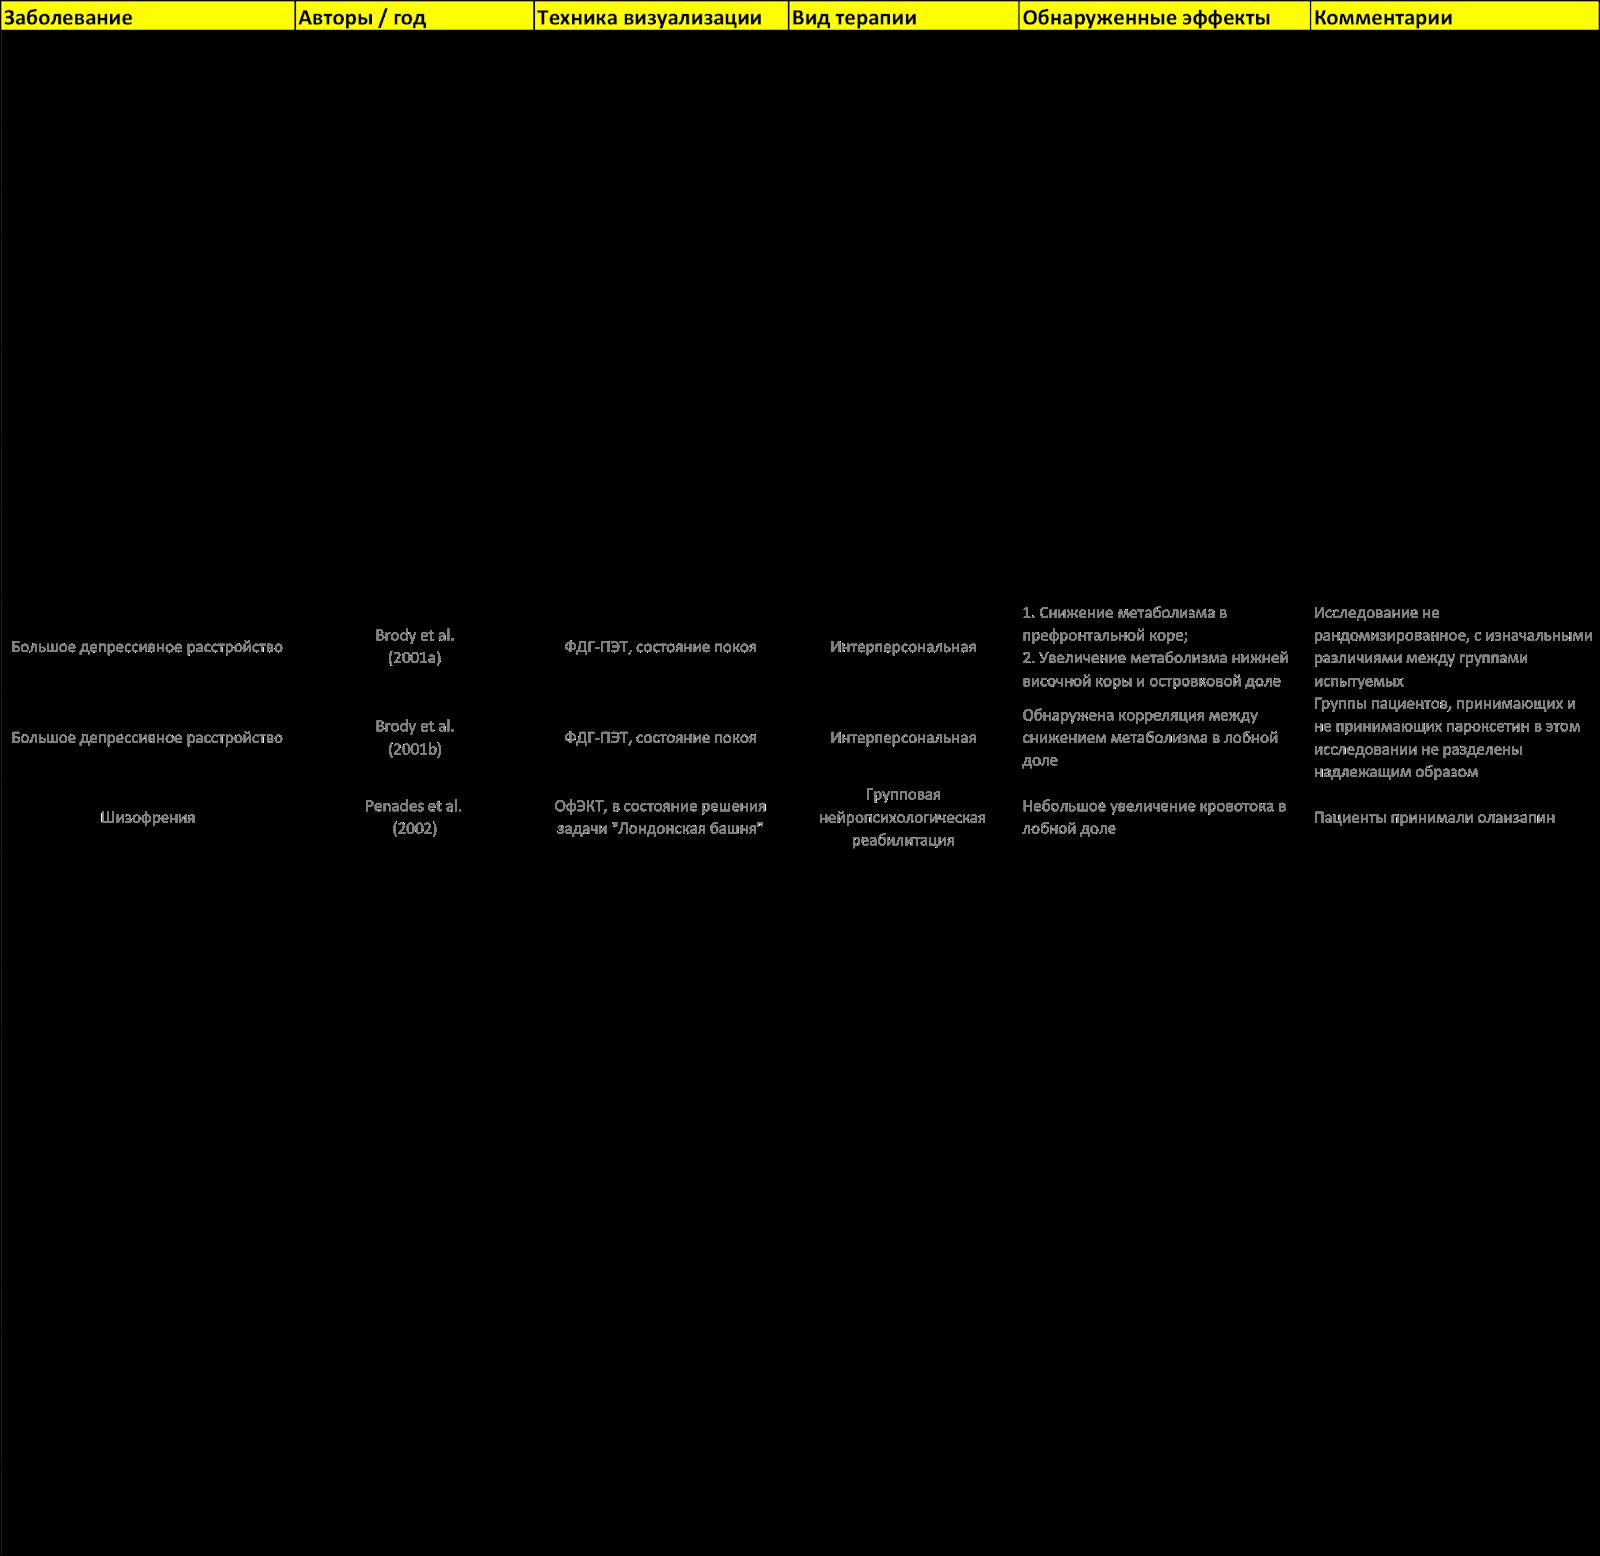 Читать книгу сексуальное здоровье мужчины и женщины. эффективные методы лечения и профилактика заболеваний ирины ульяновой : онлайн чтение - страница 5